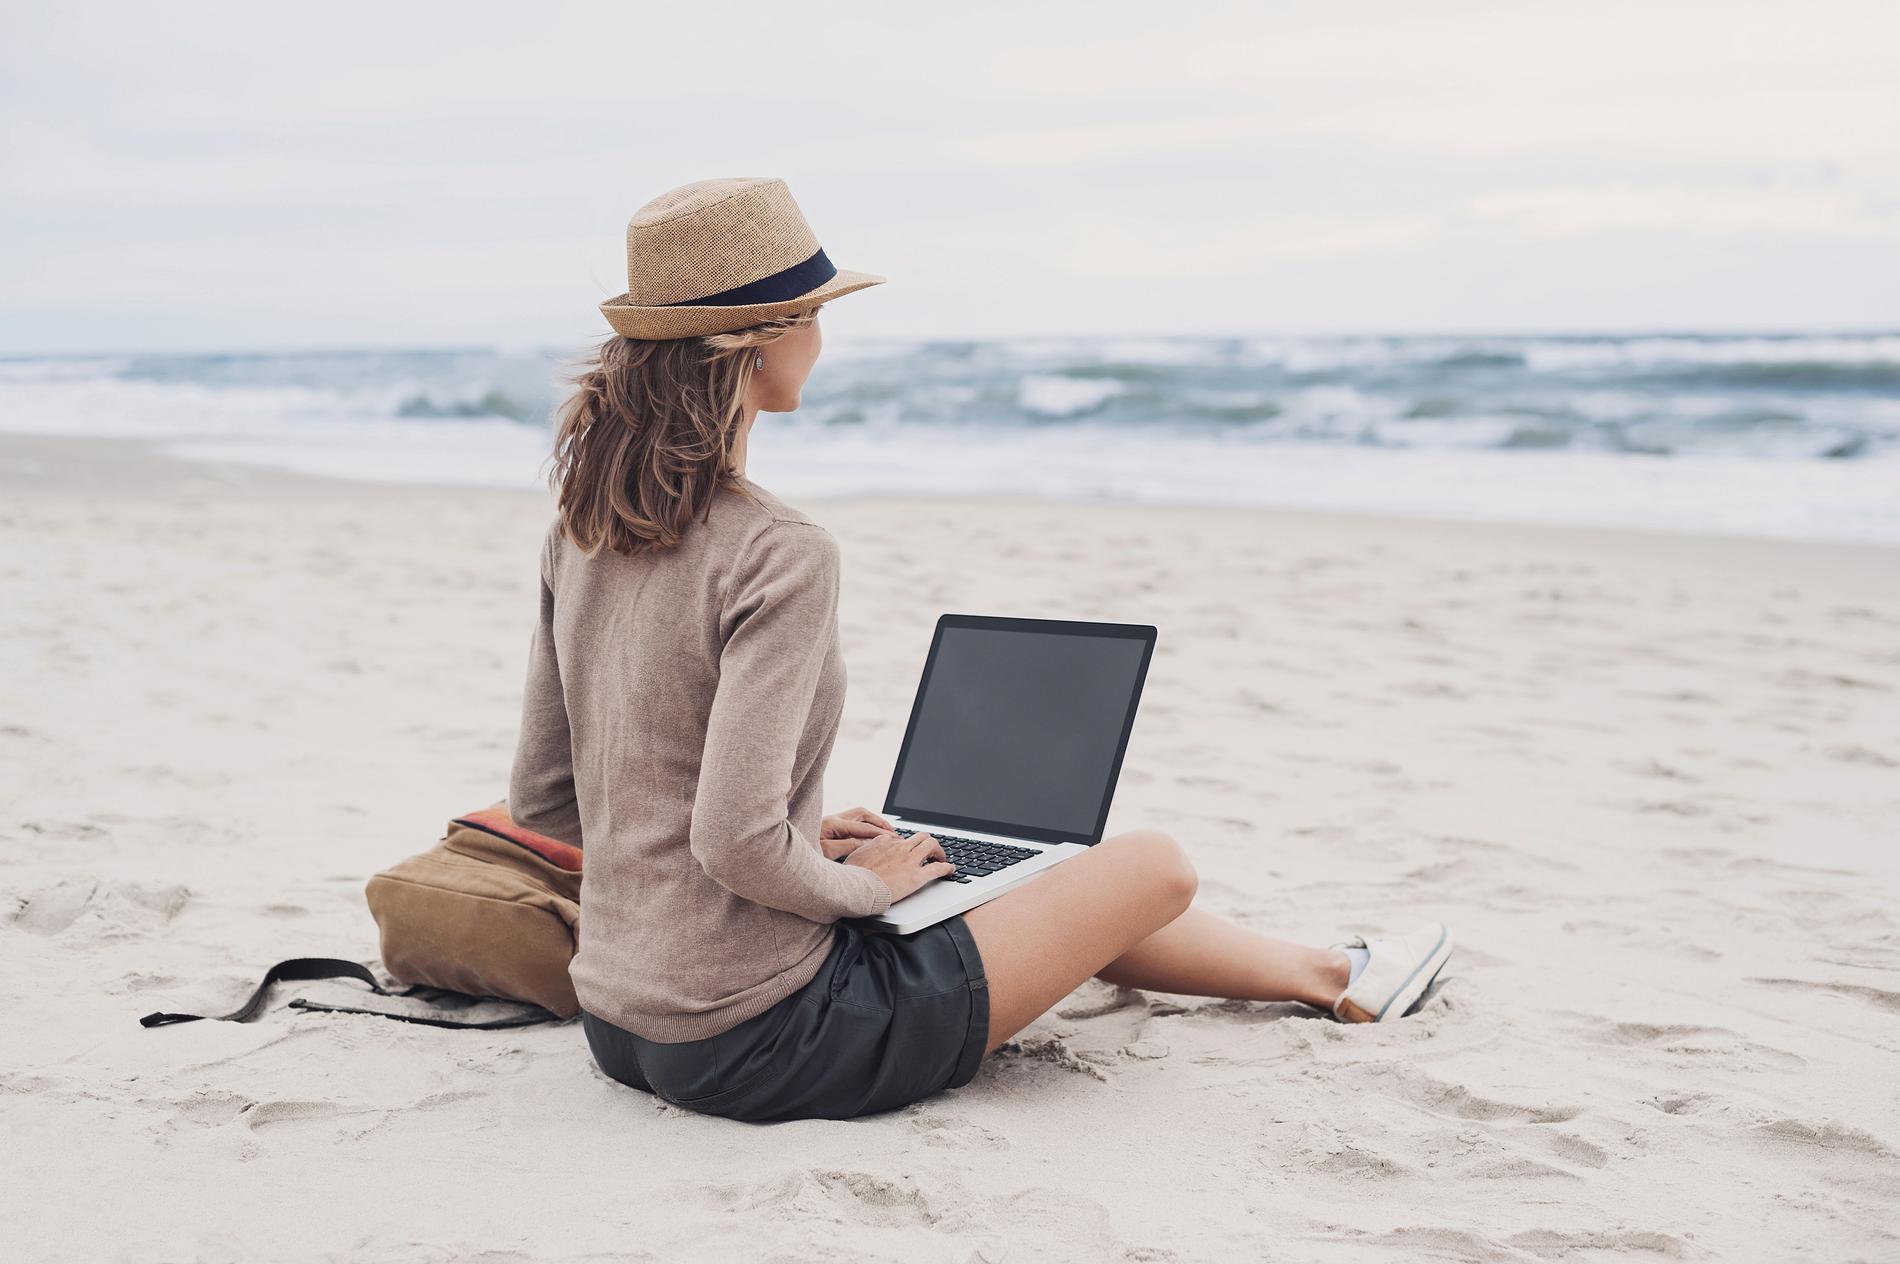 plage-réseaux-sociaux-agence-de-voyage